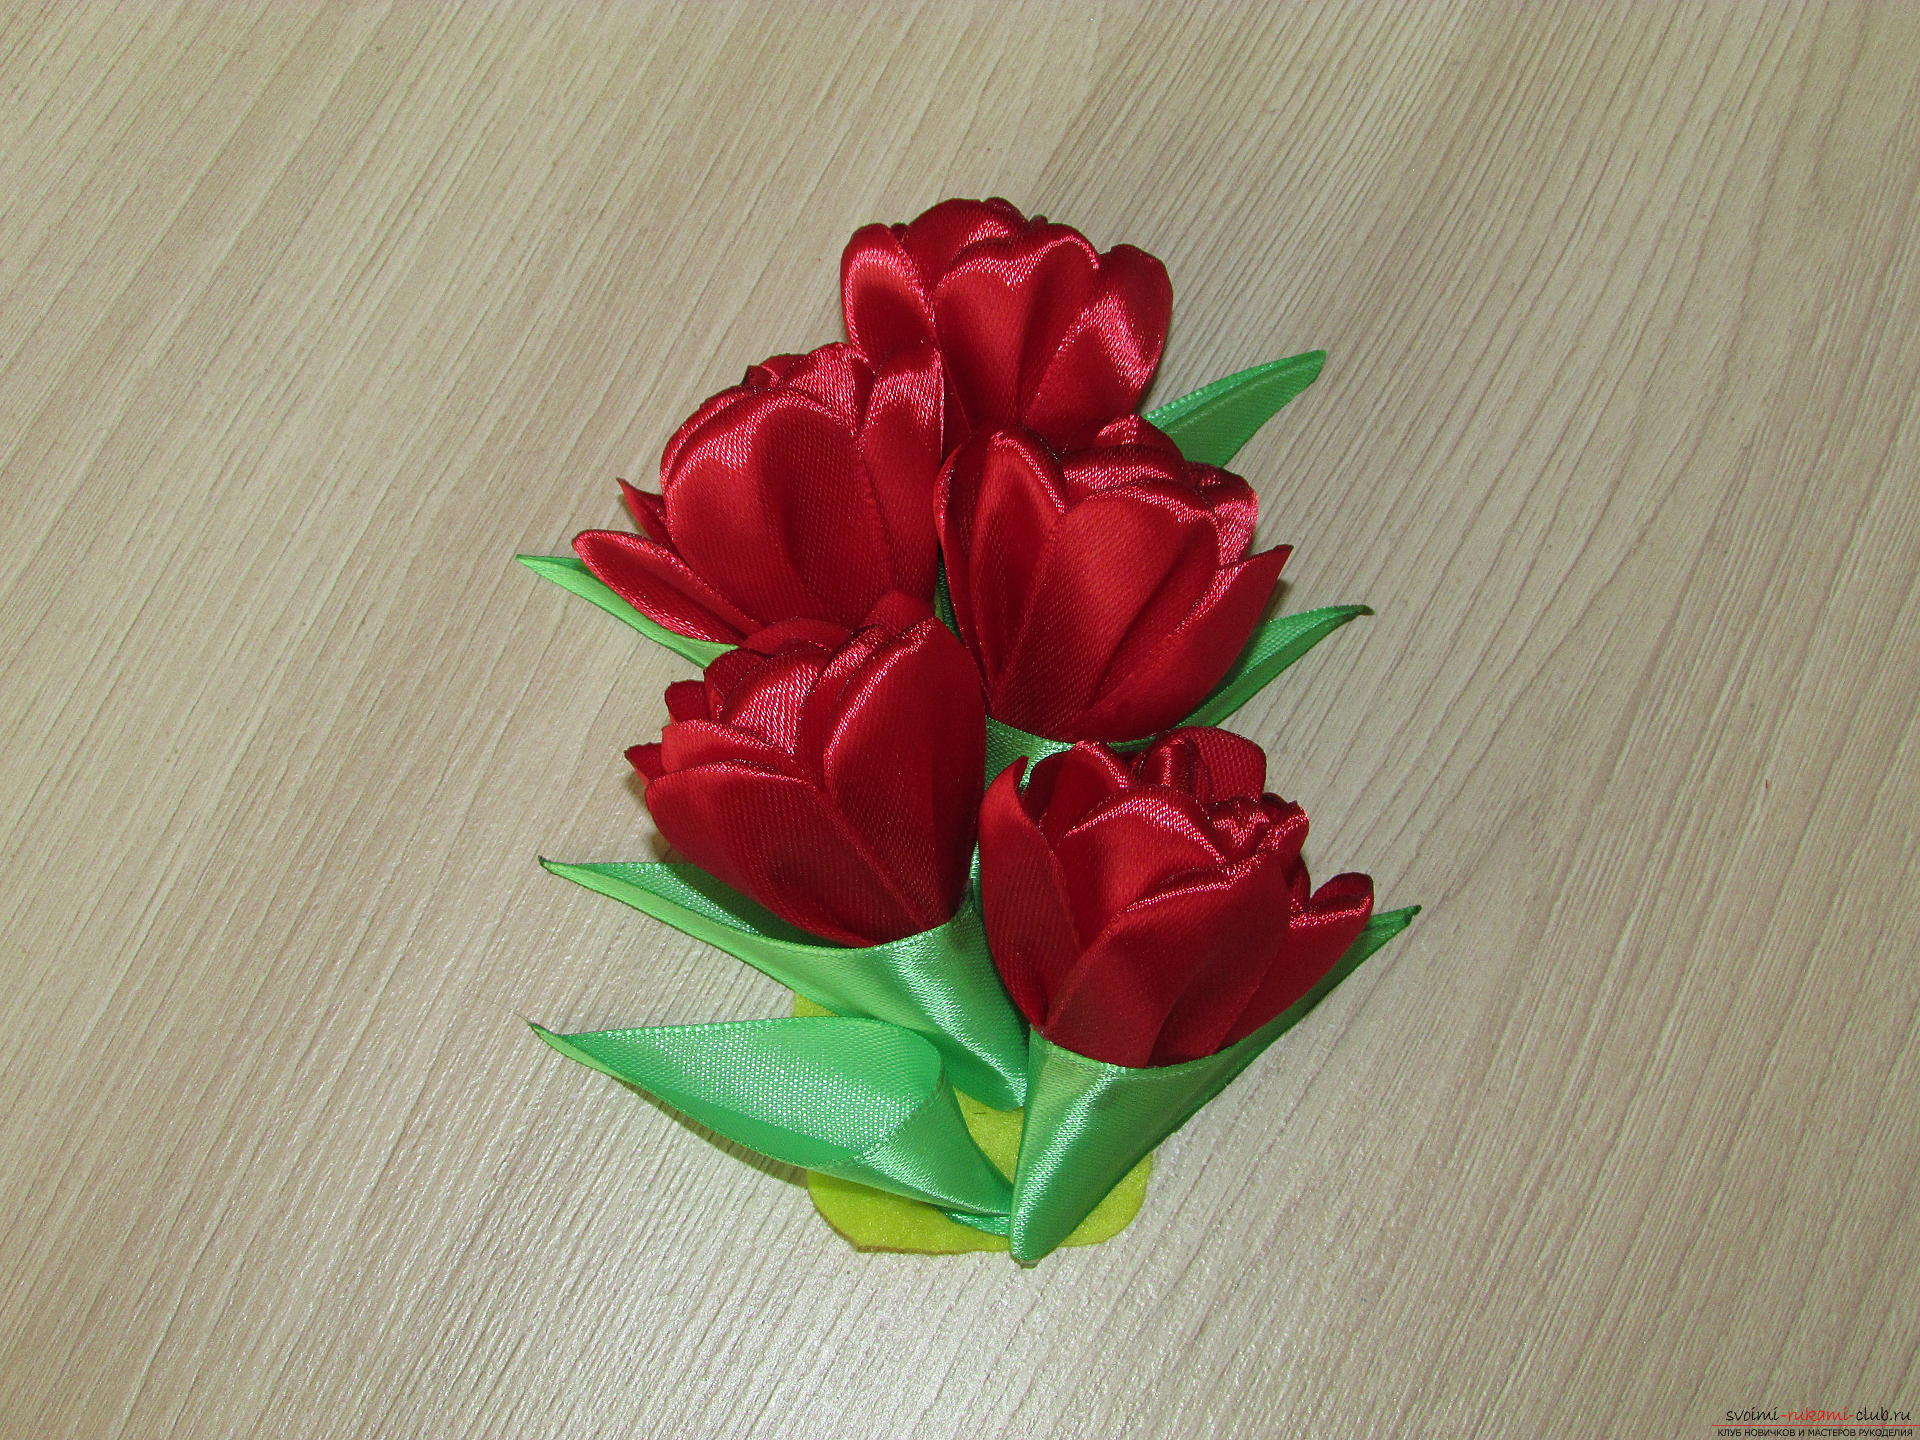 Как сделать тюльпан из ленты своими руками пошаговое фото